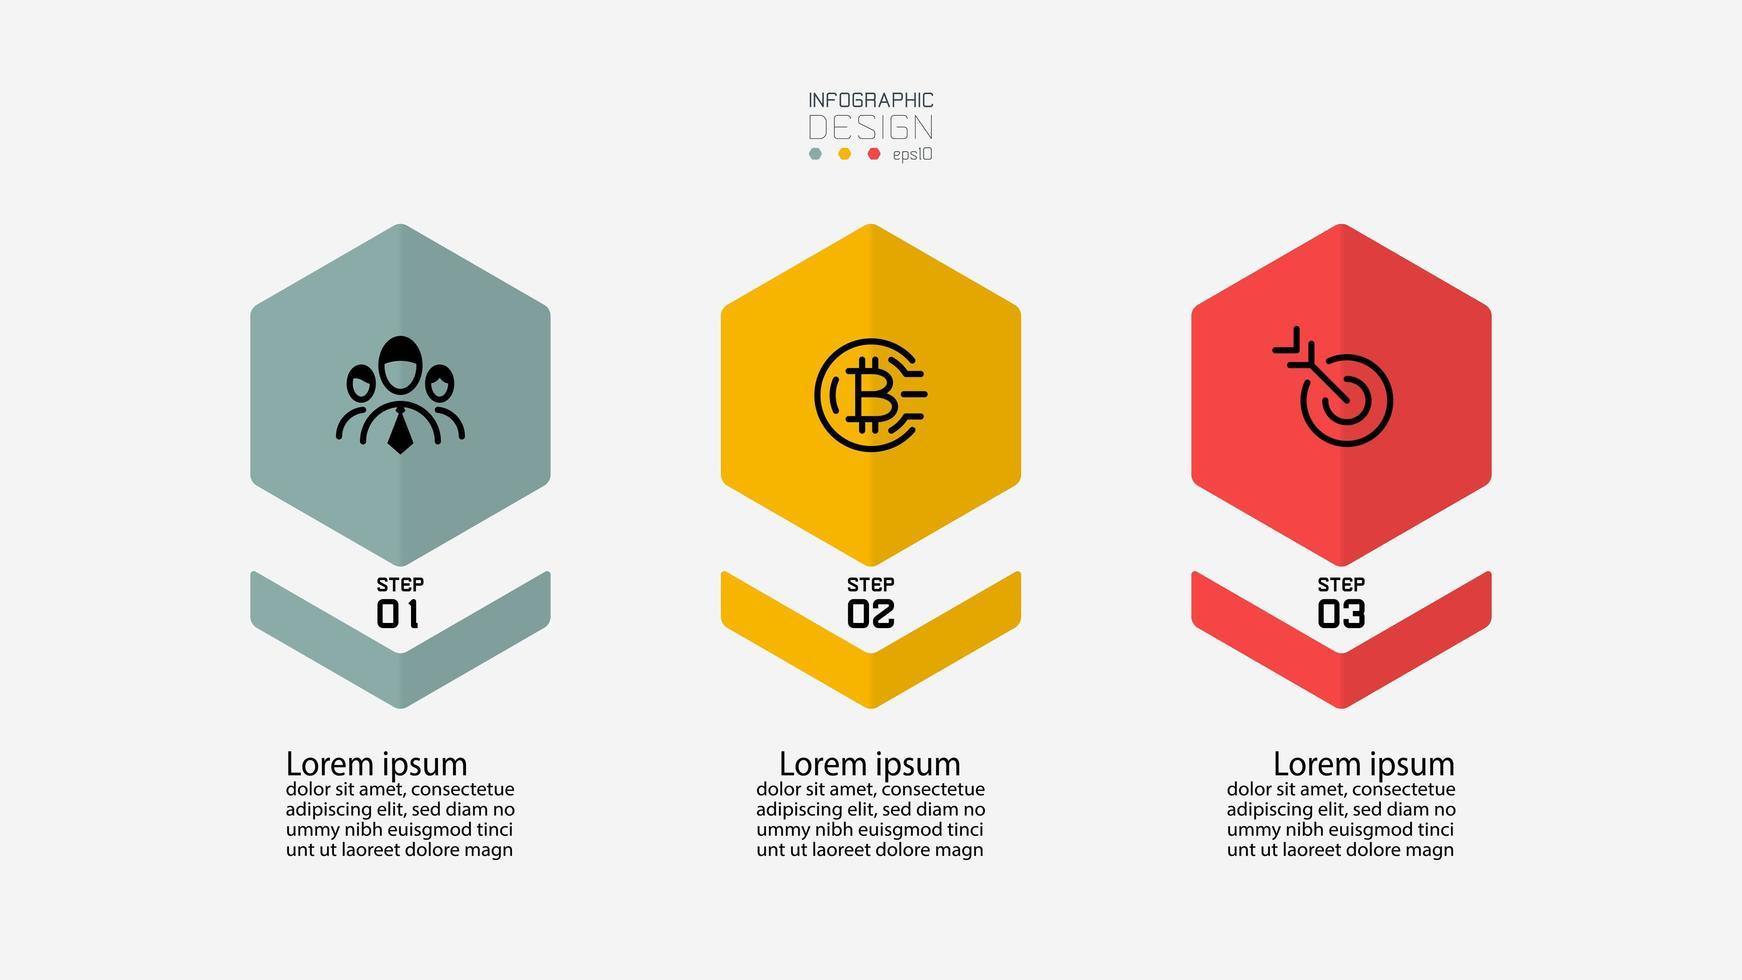 Conjunto de iconos de infografía de forma hexagonal vector